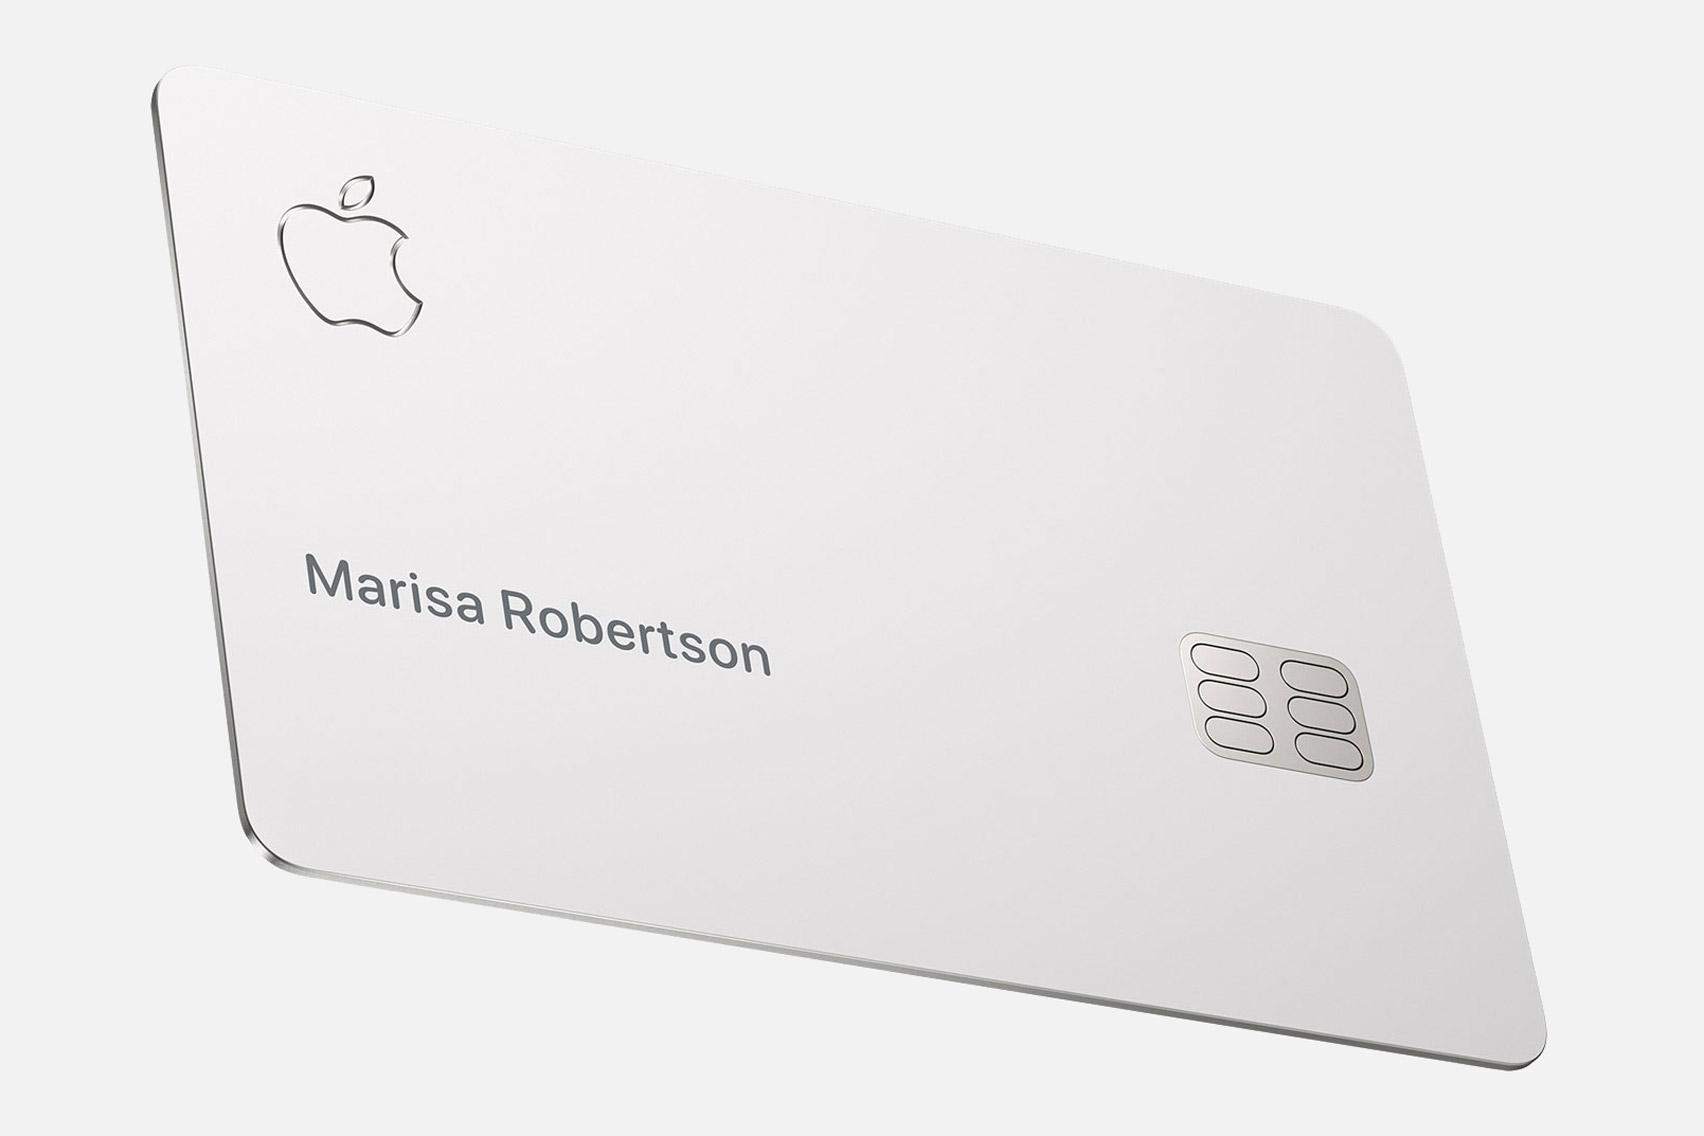 不能放皮夾!! 蘋果官方建議Apple Card蘋果信用卡的終極收納保養方法